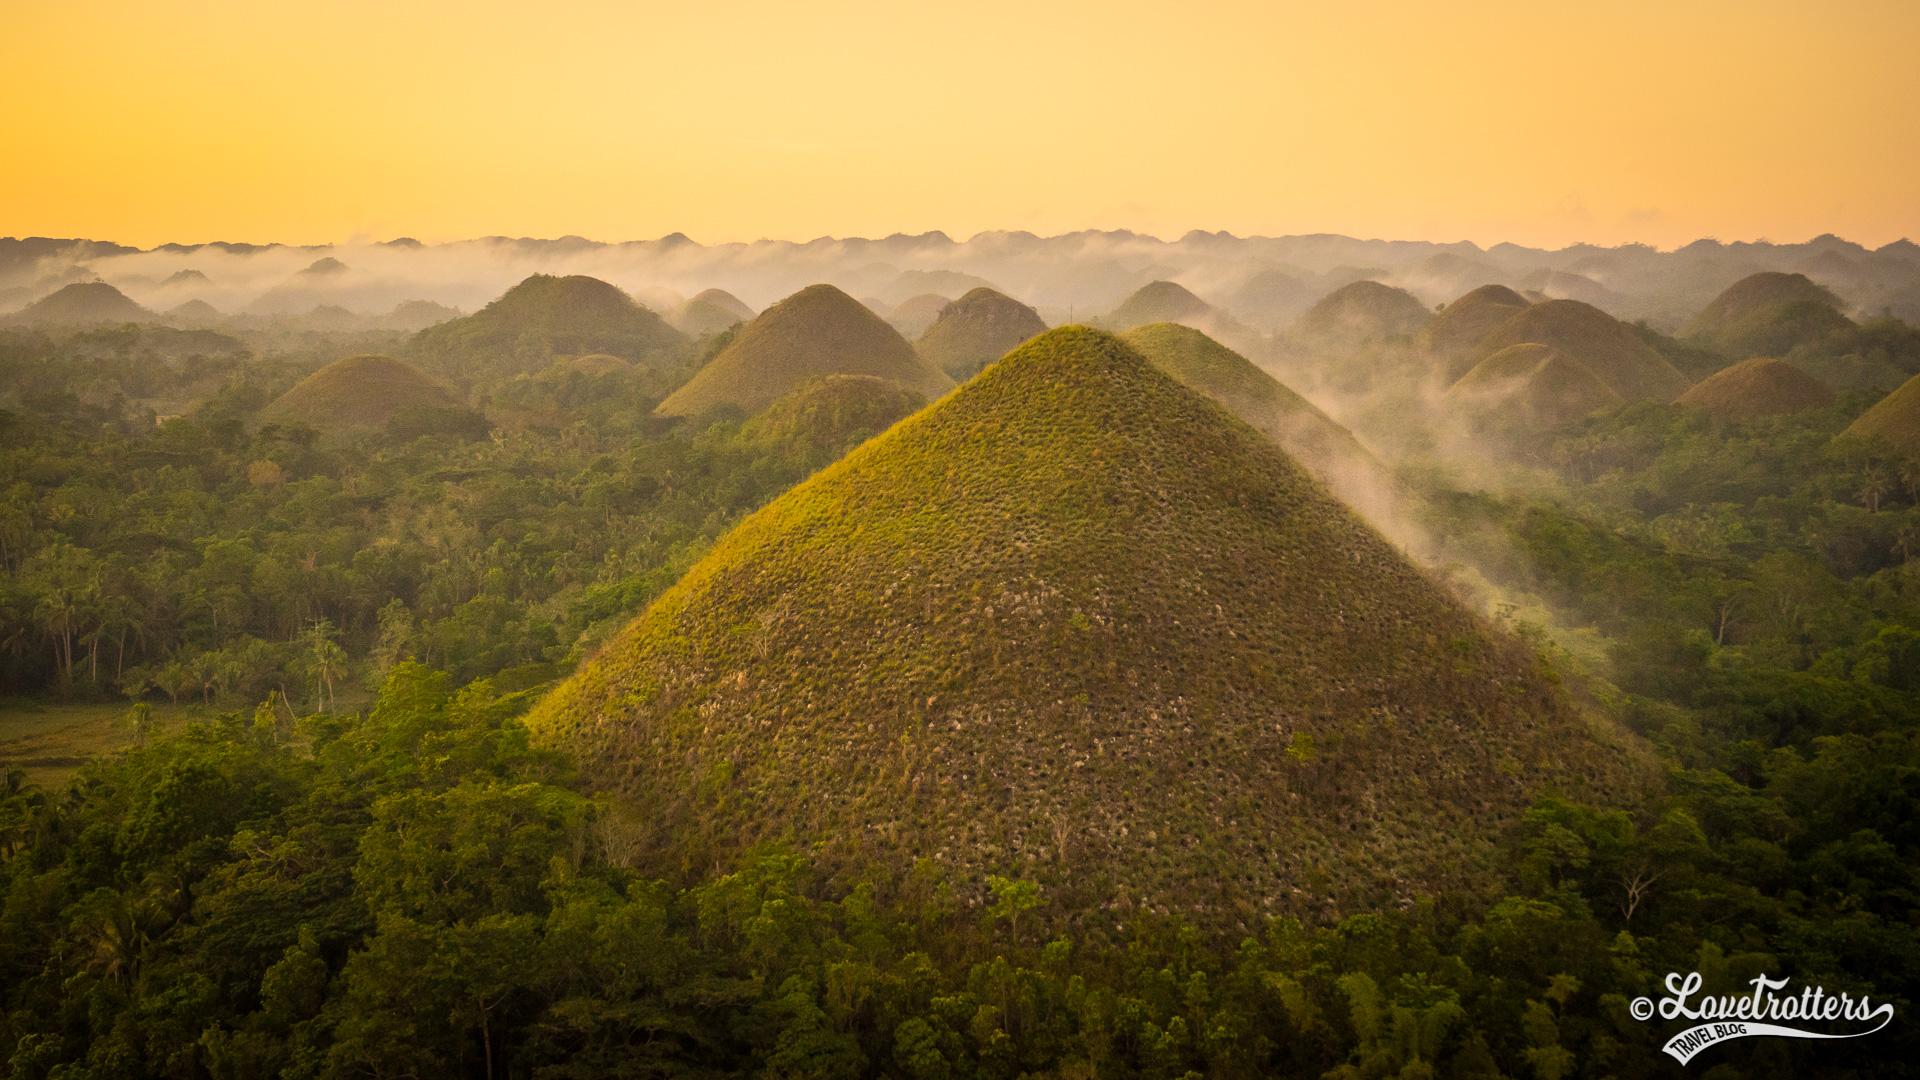 Lever de soleil sur les chocolate hills sur l'île de Bohol aux Philippines